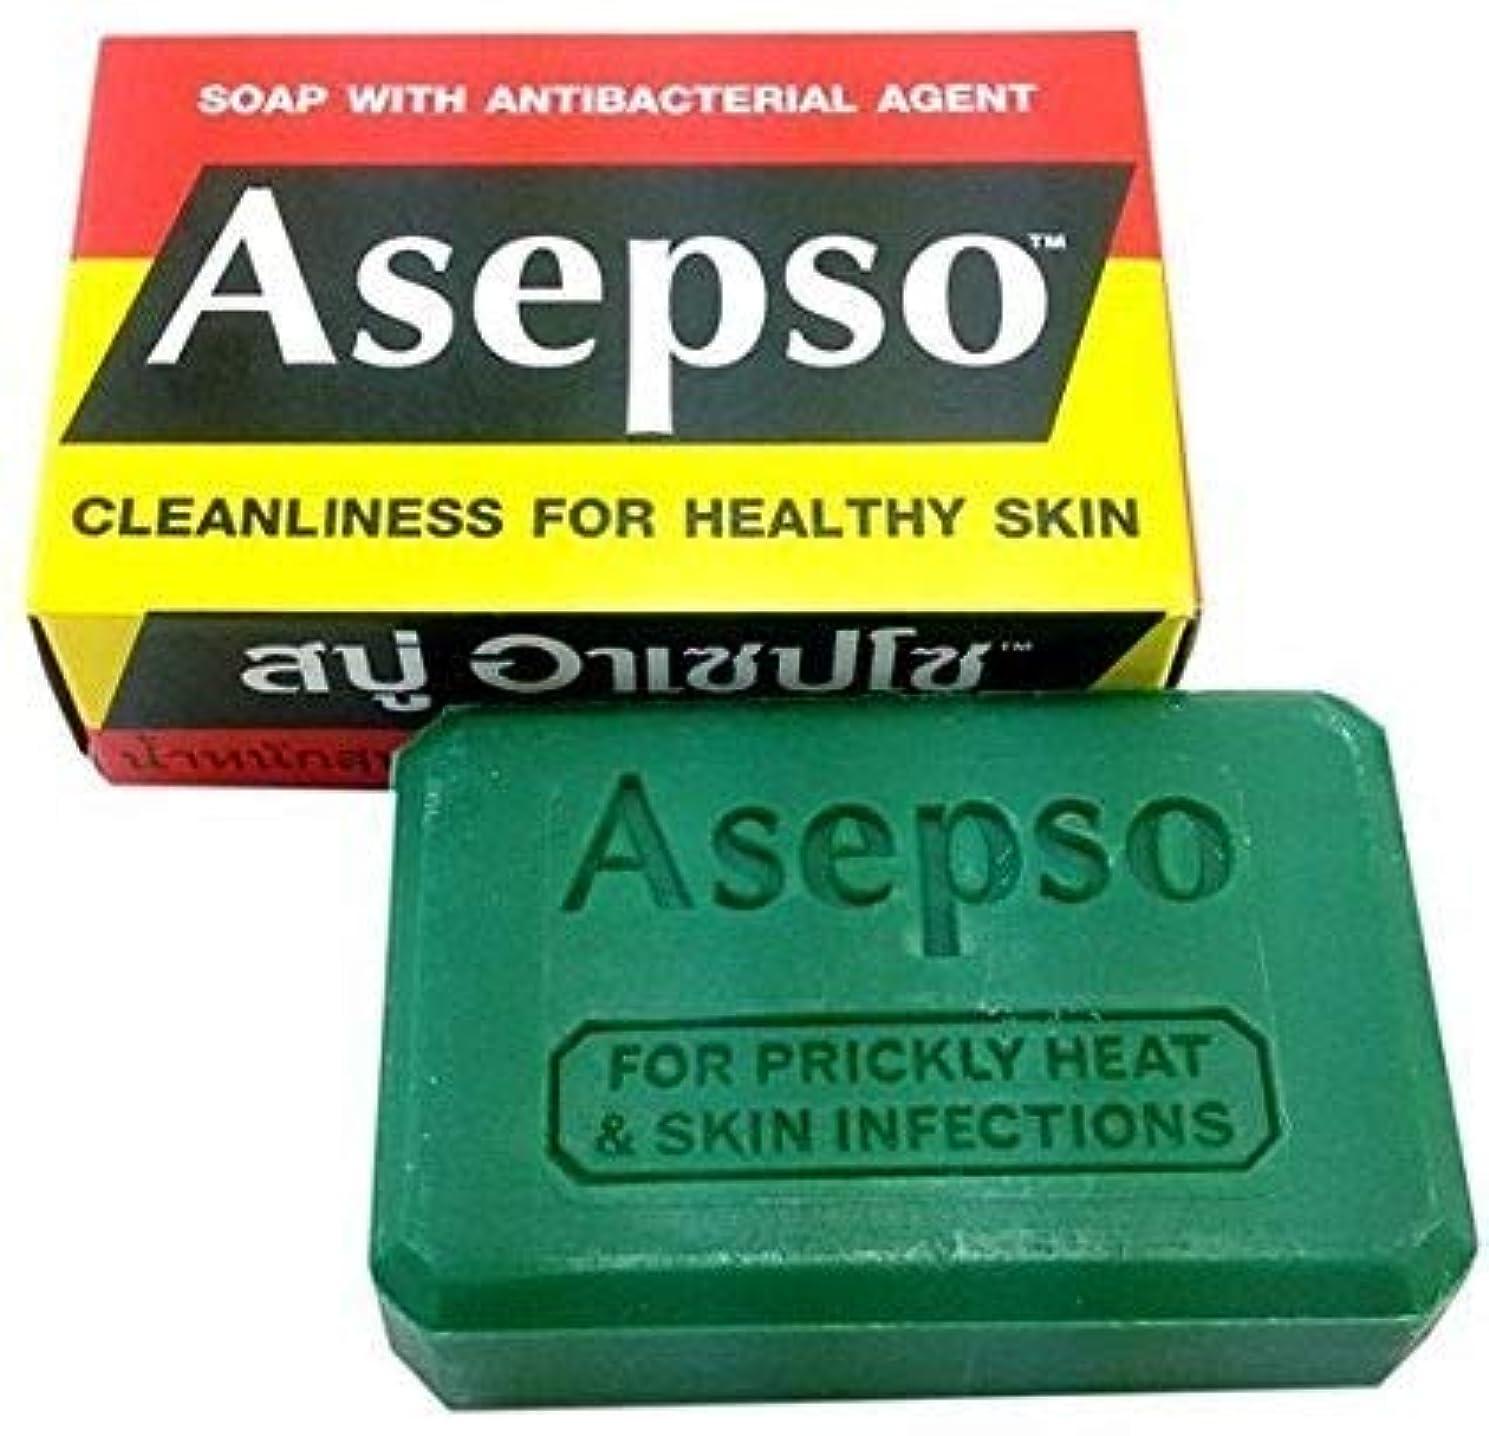 デッドロック刺しますコードNi Yom Thai shop Asepso Soap with Antibacterial Agent 80 Grams